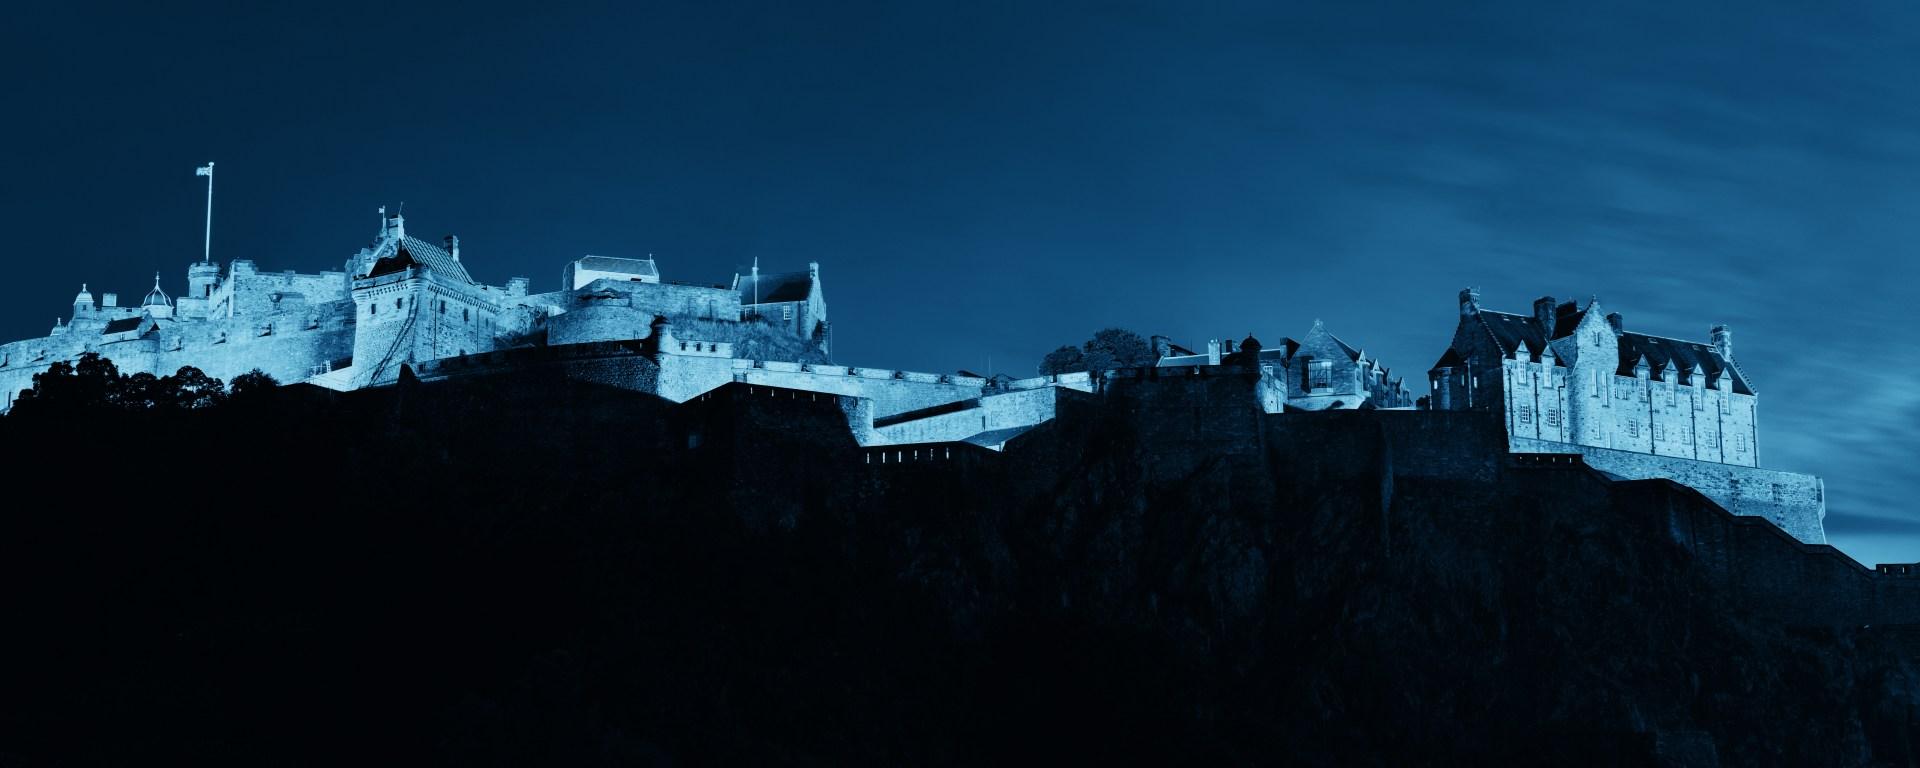 edited image of Edinburgh Castle